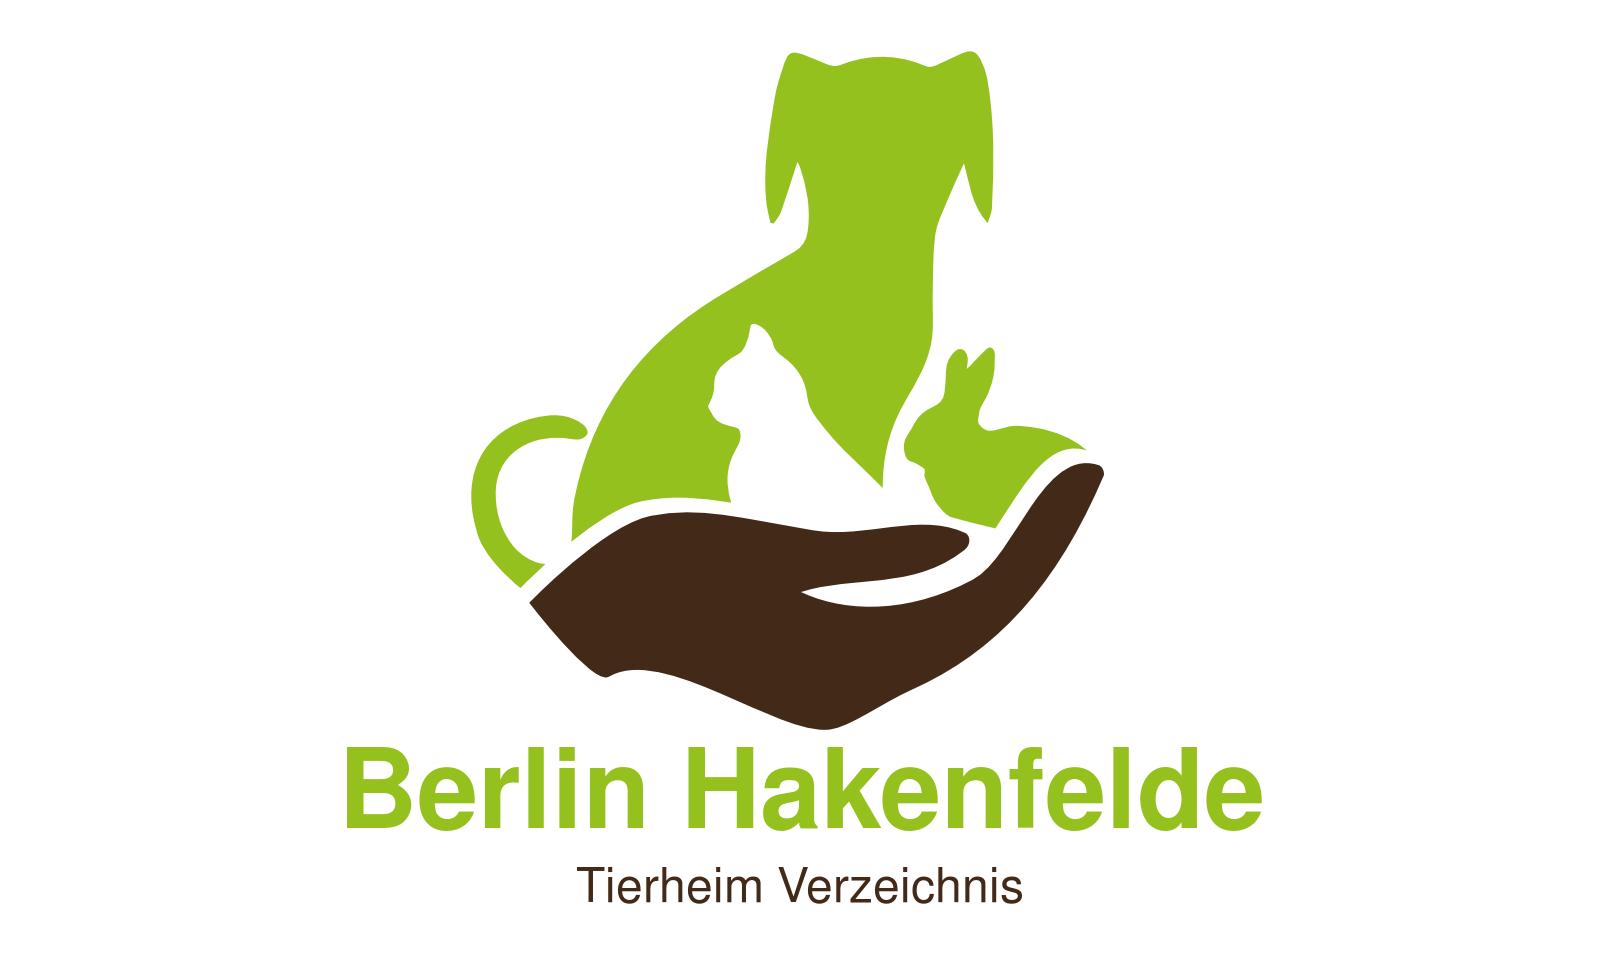 Tierheim Berlin Hakenfelde